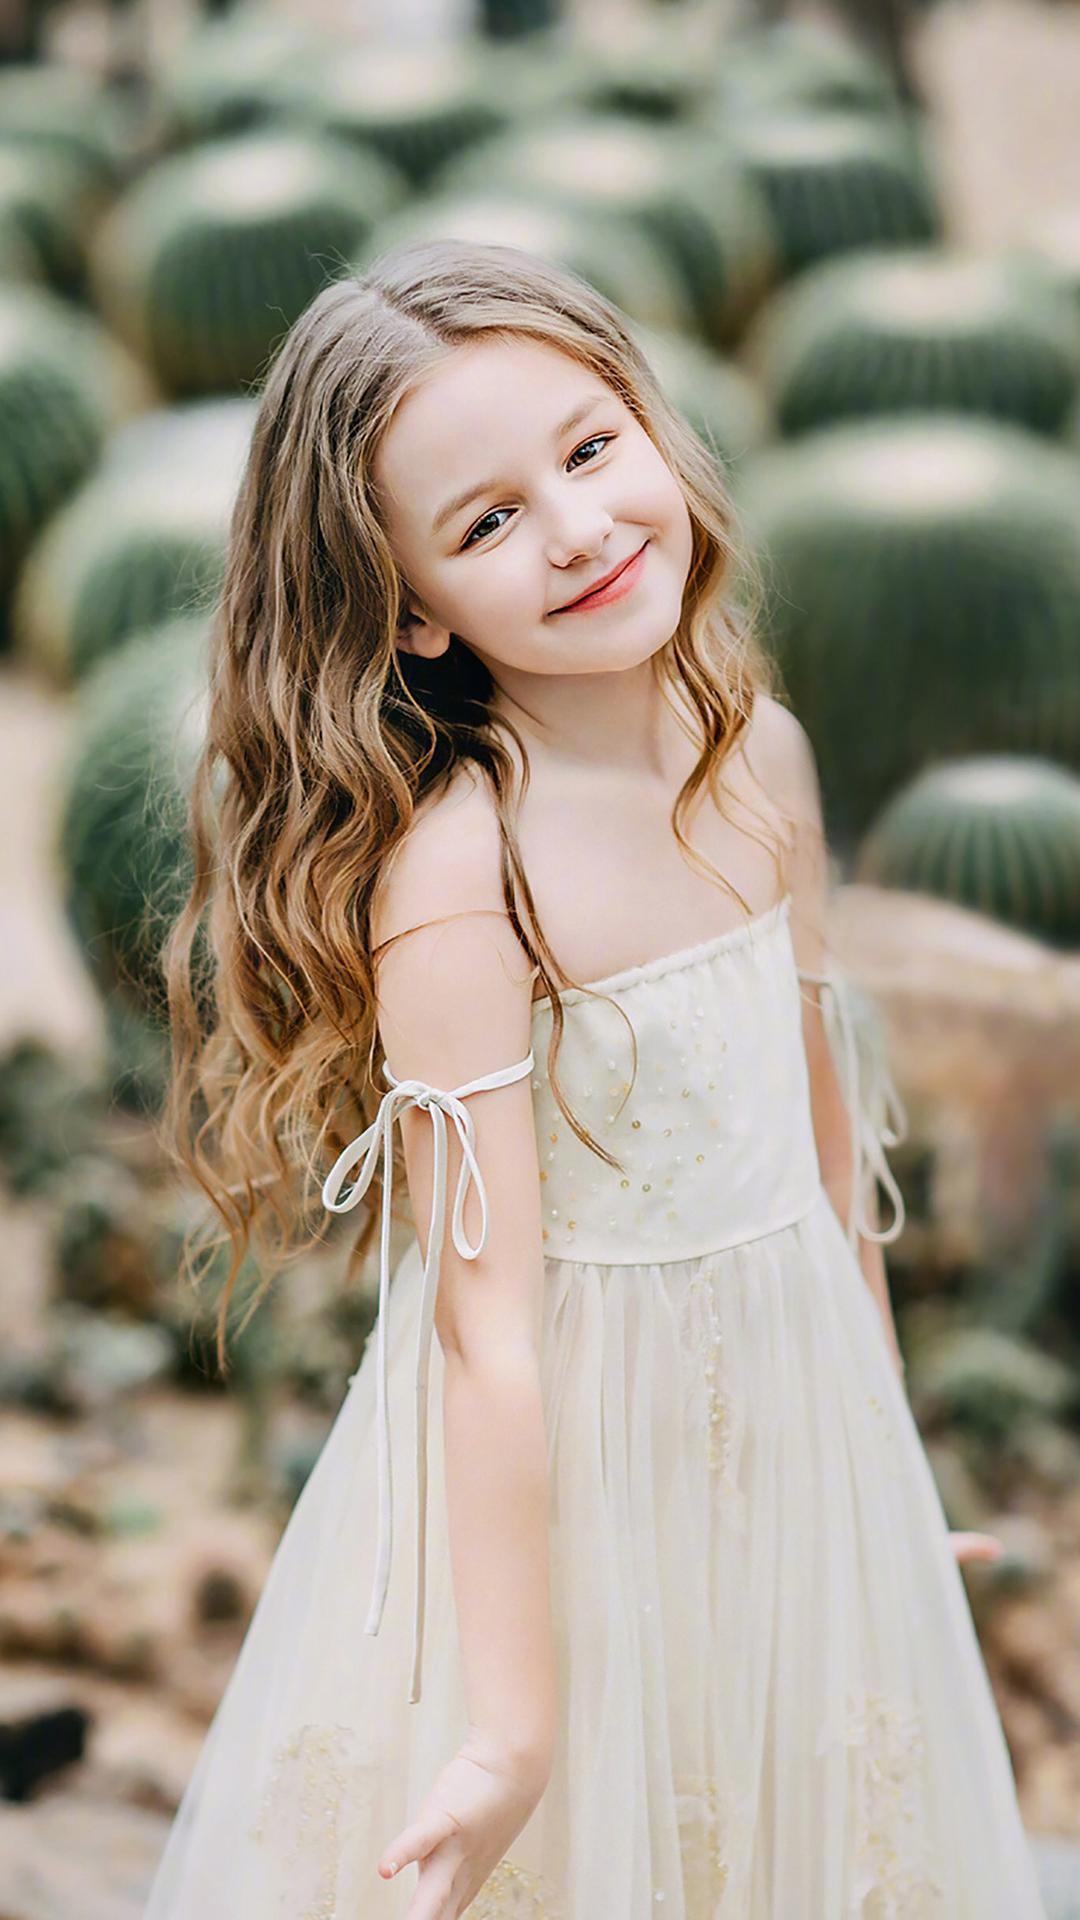 小模特 小女孩 欧美 时尚 仙人球 儿童 甜美